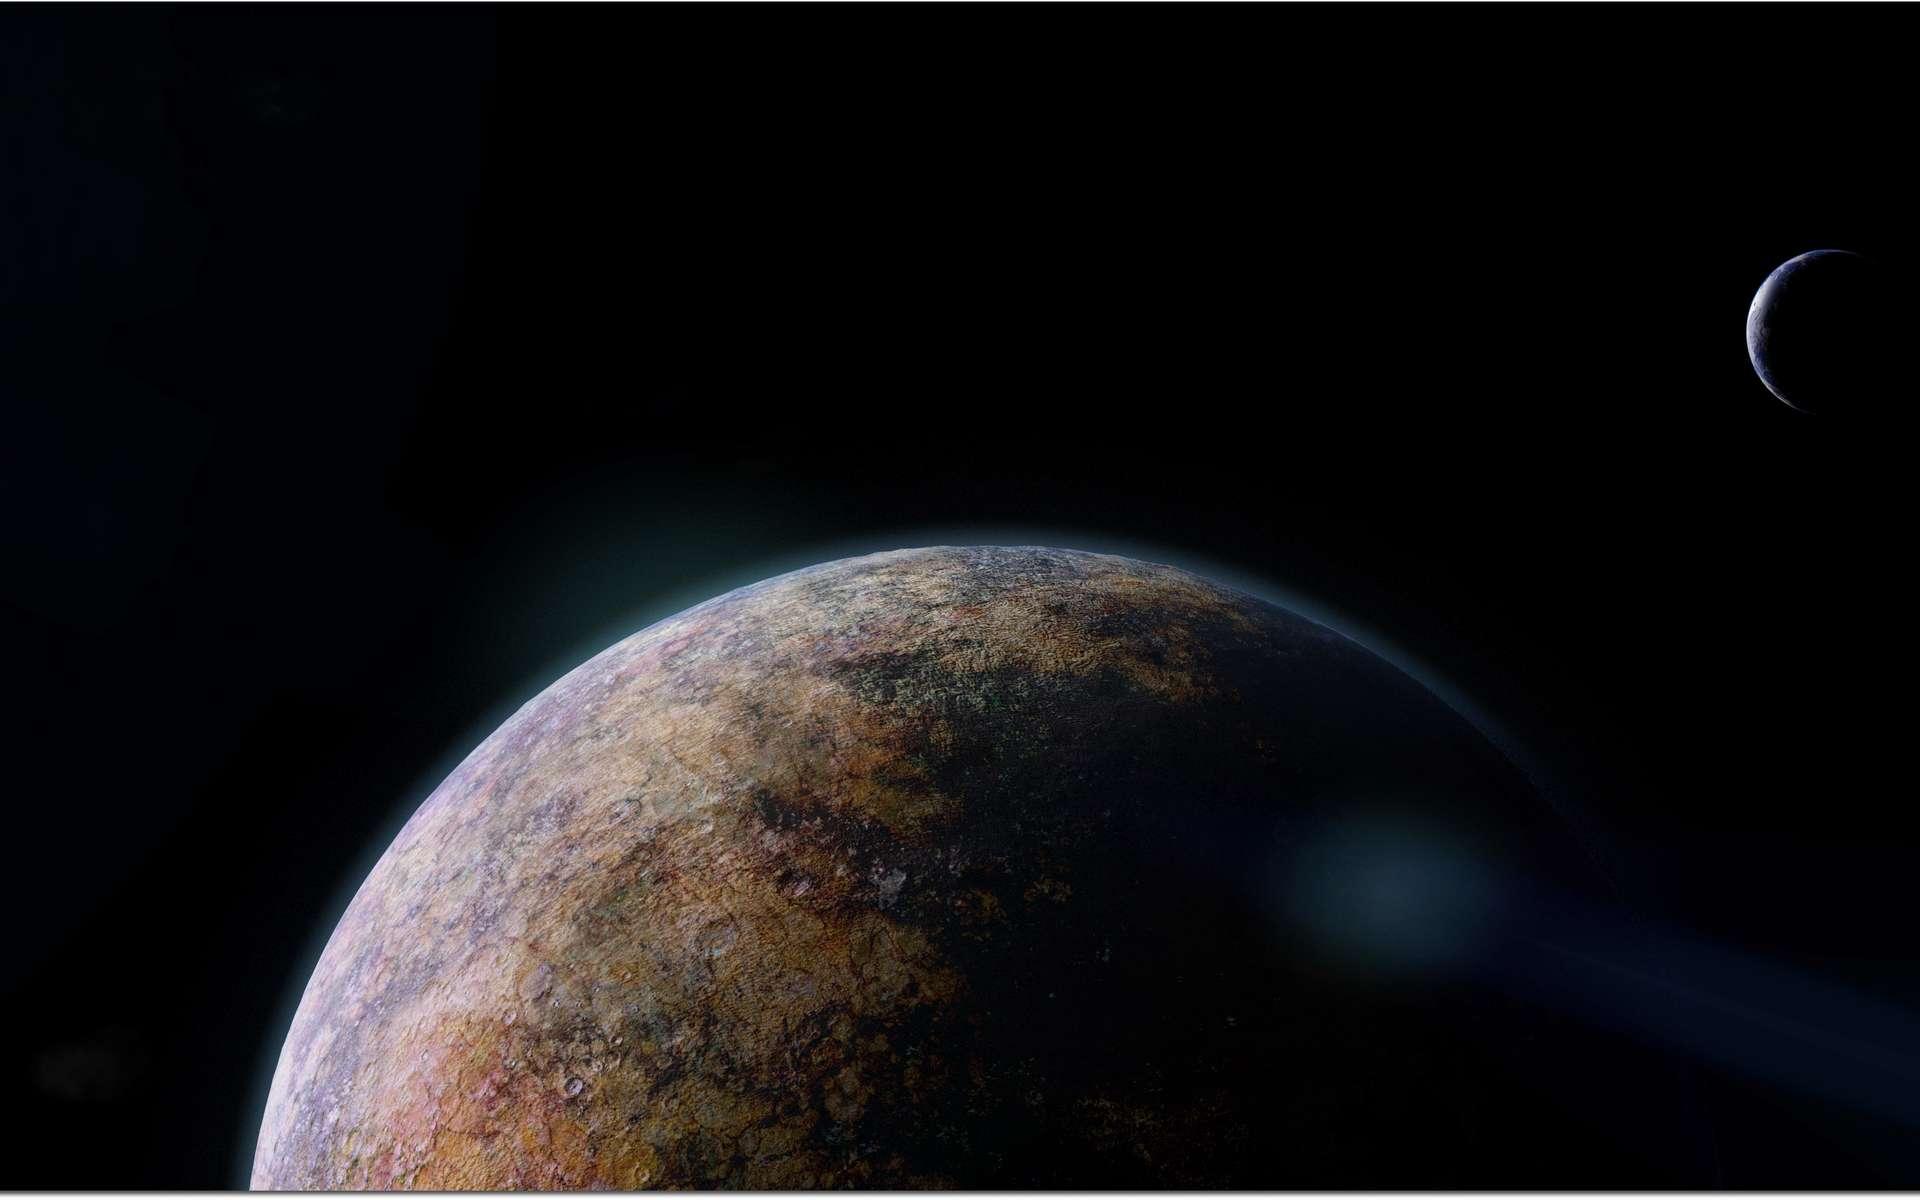 L'émergence précoce de la vie sur Terre signifie-t-elle qu'elle réapparaîtrait simplement si nous devions repartir de zéro ? Les chercheurs de l'université de Columbia disent que oui. © dottedyeti, Adobe Stock